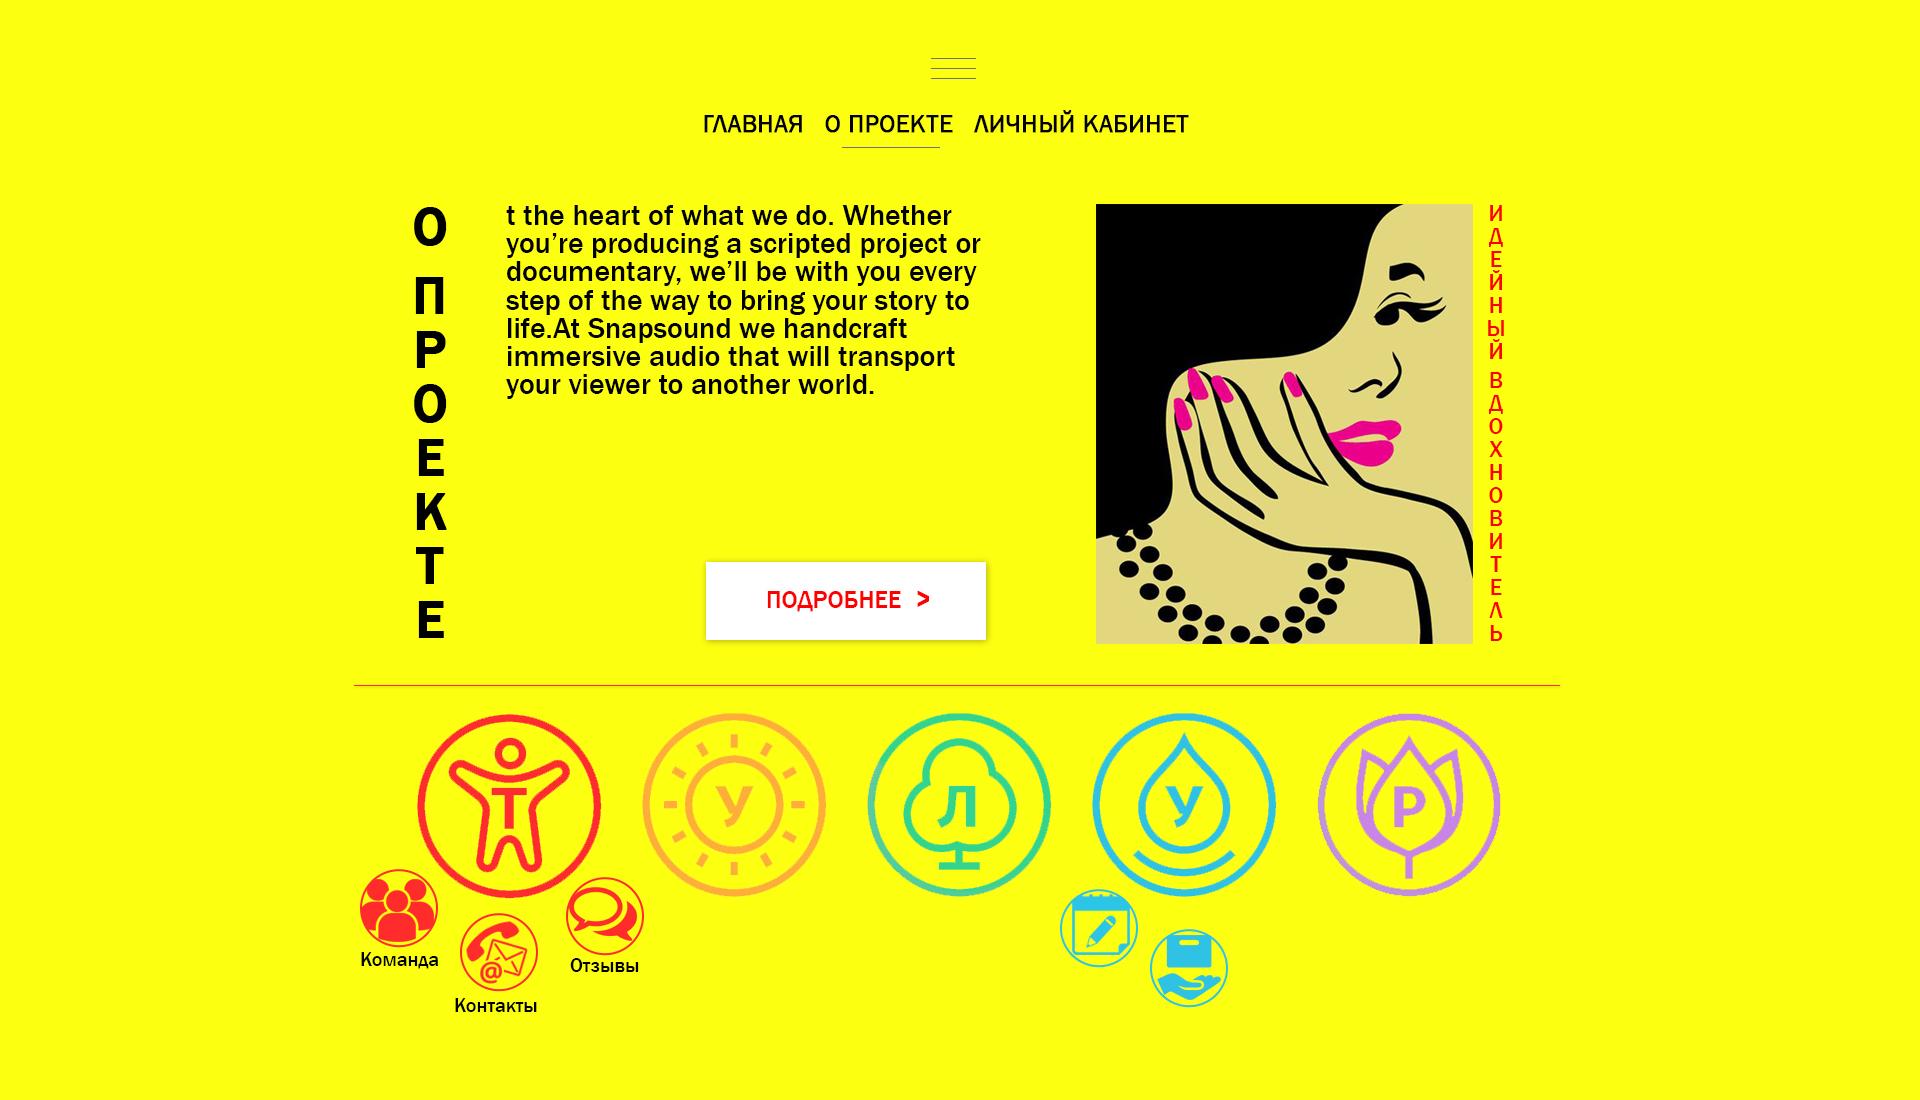 Креативный дизайн внутренней страницы портала для детей фото f_9535cfbace0b2459.jpg